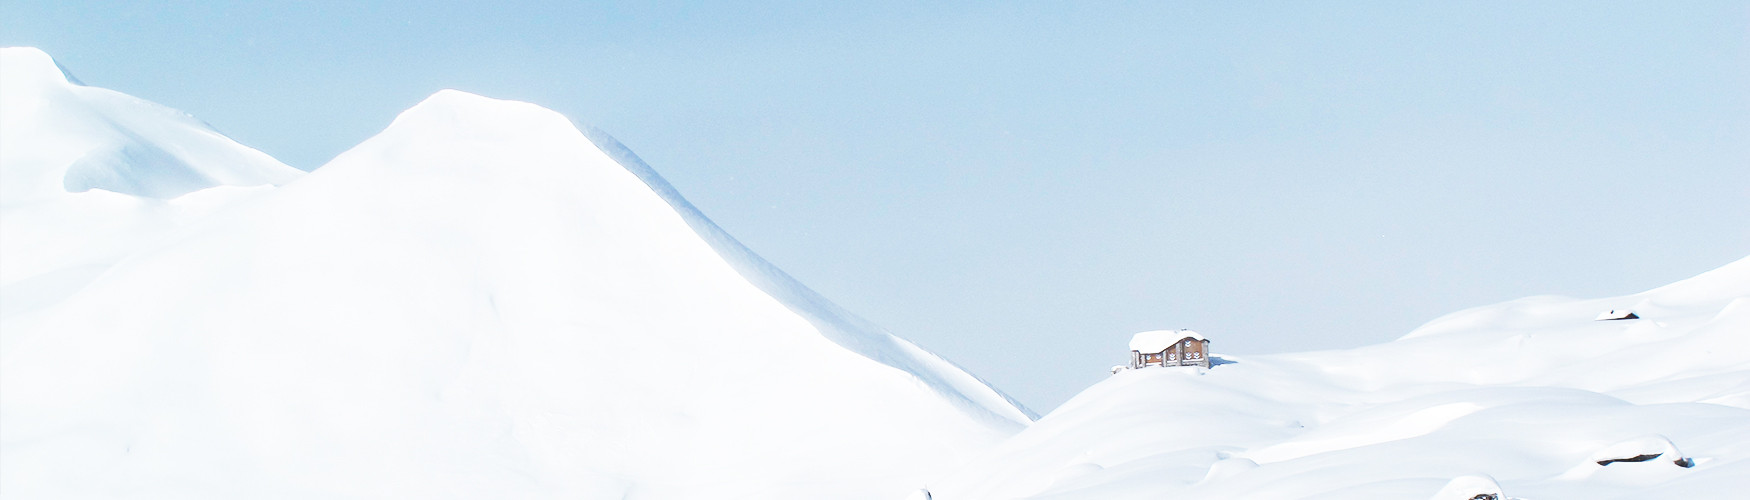 Skitour Stützpunkte, Freeride Schweiz Bergführer